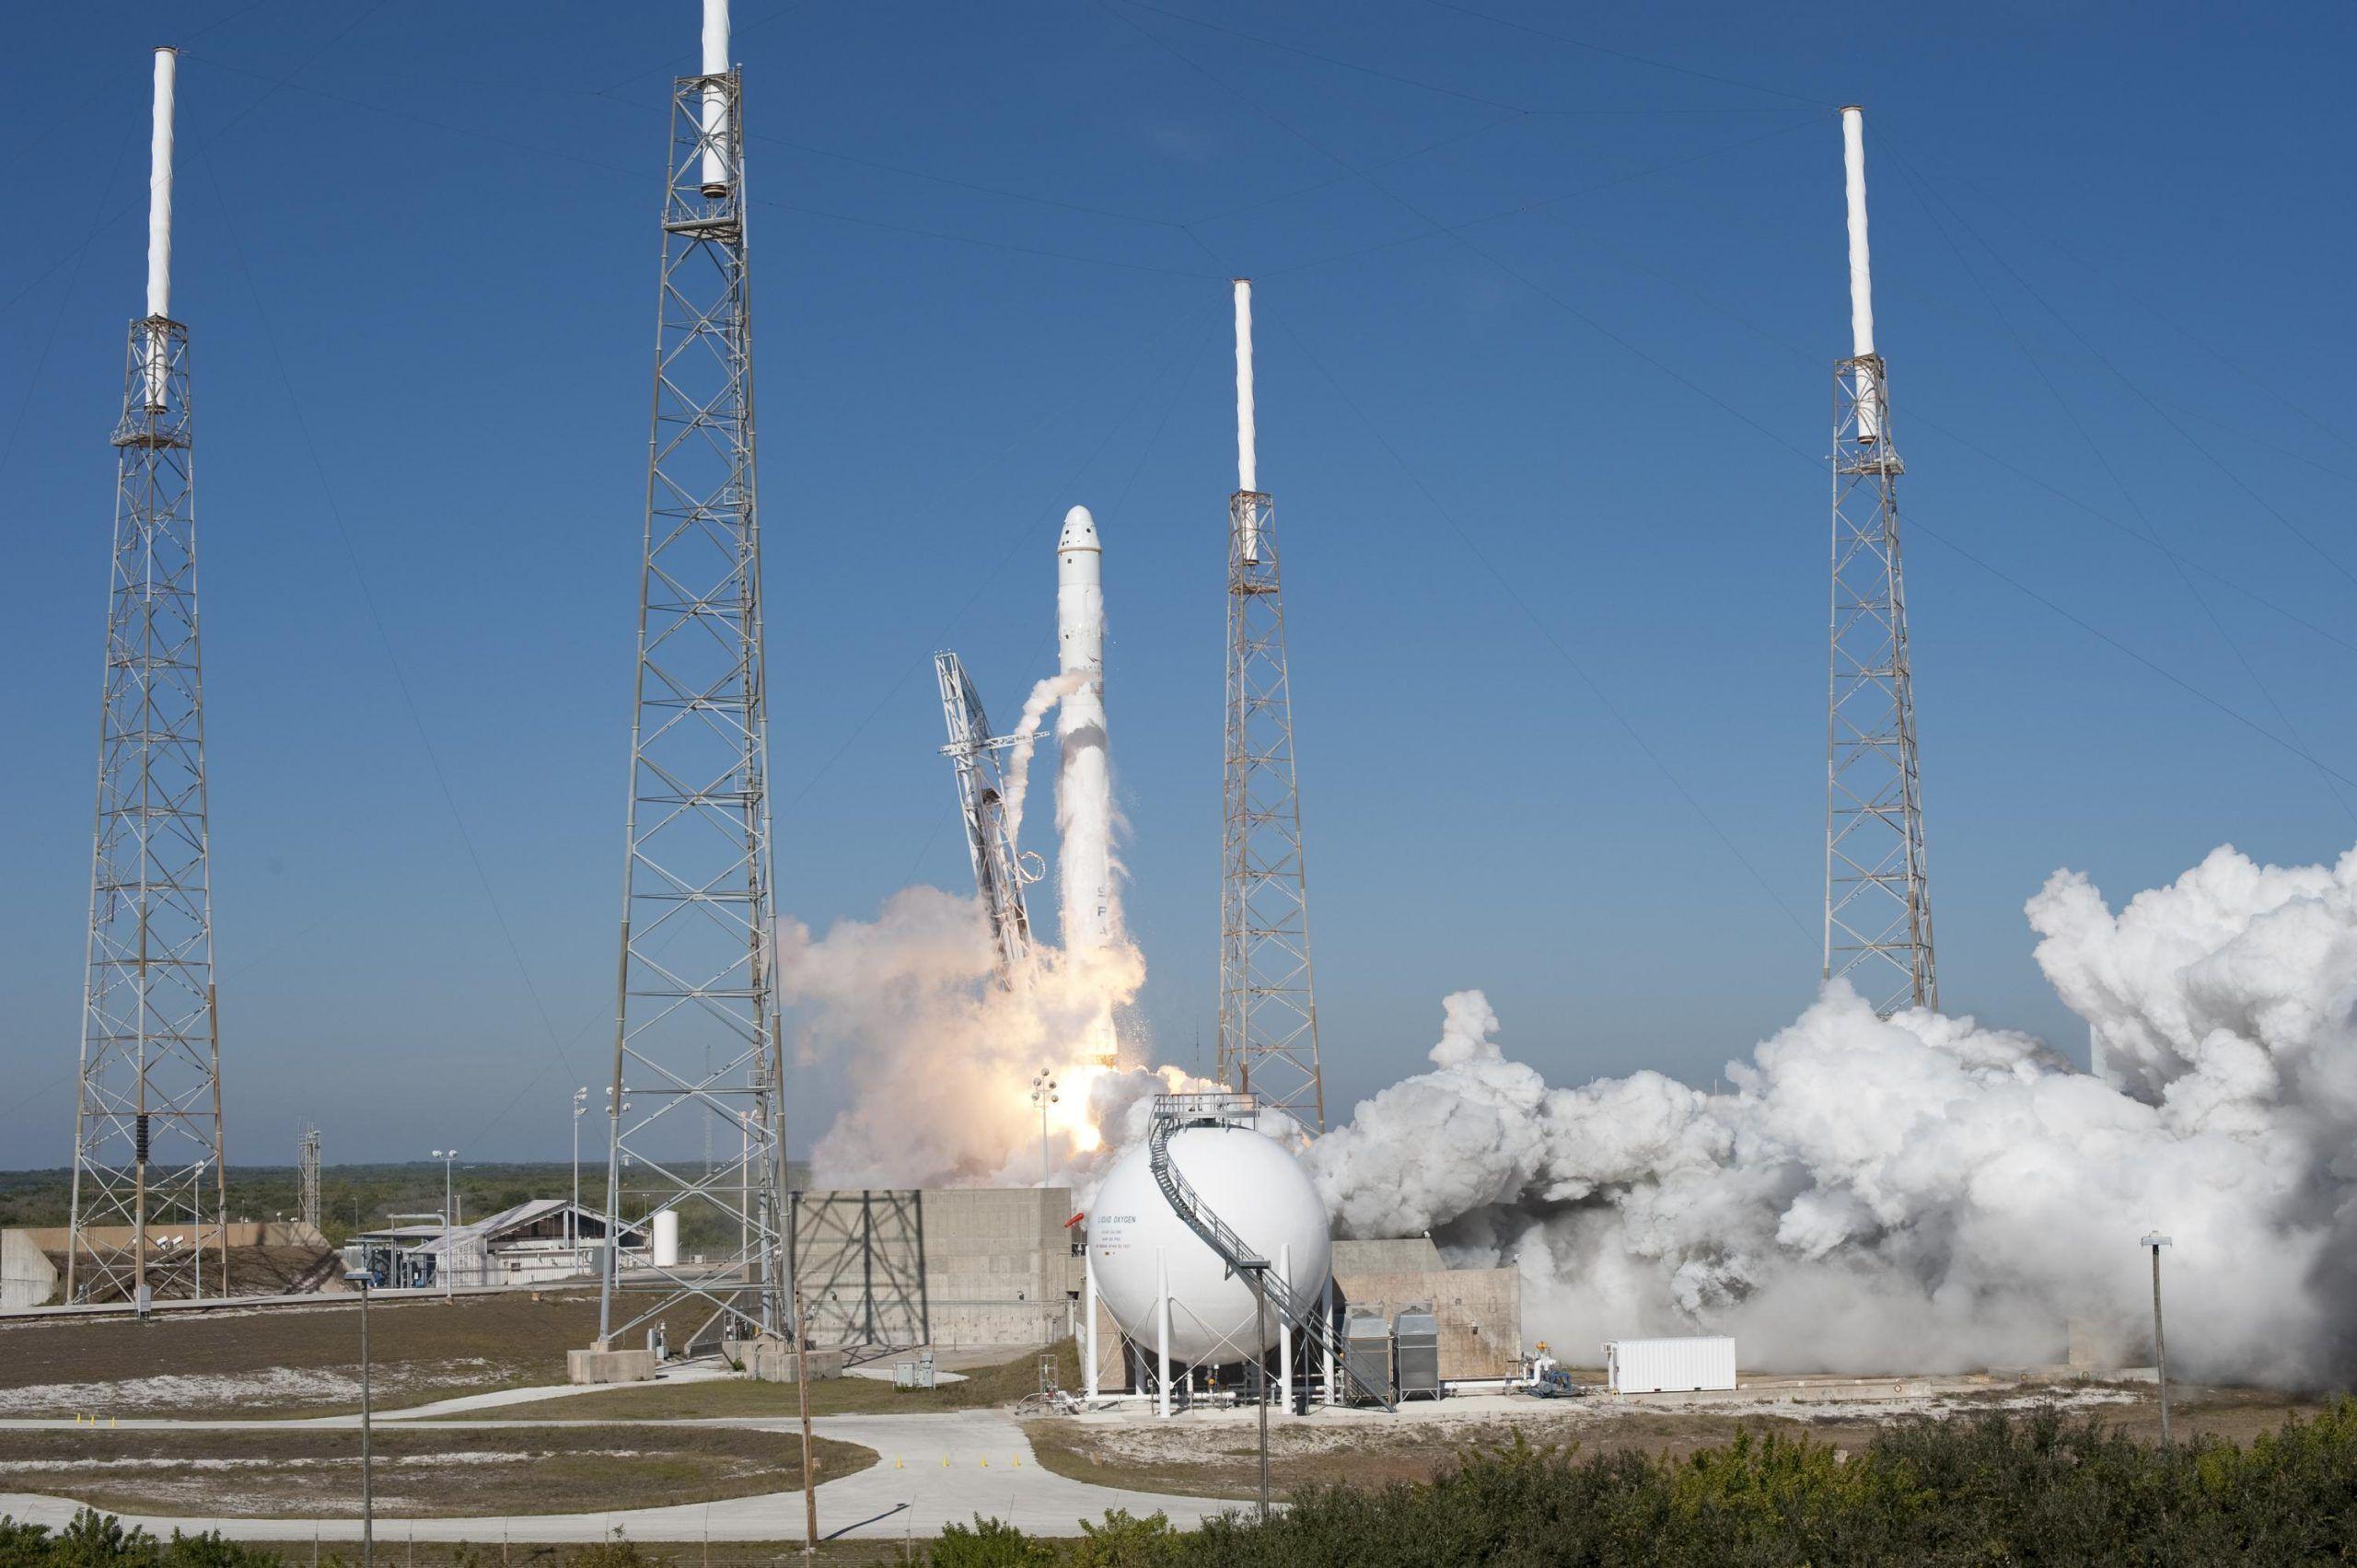 Falcon 9 verso la ISS: la conquista commerciale dello spazio